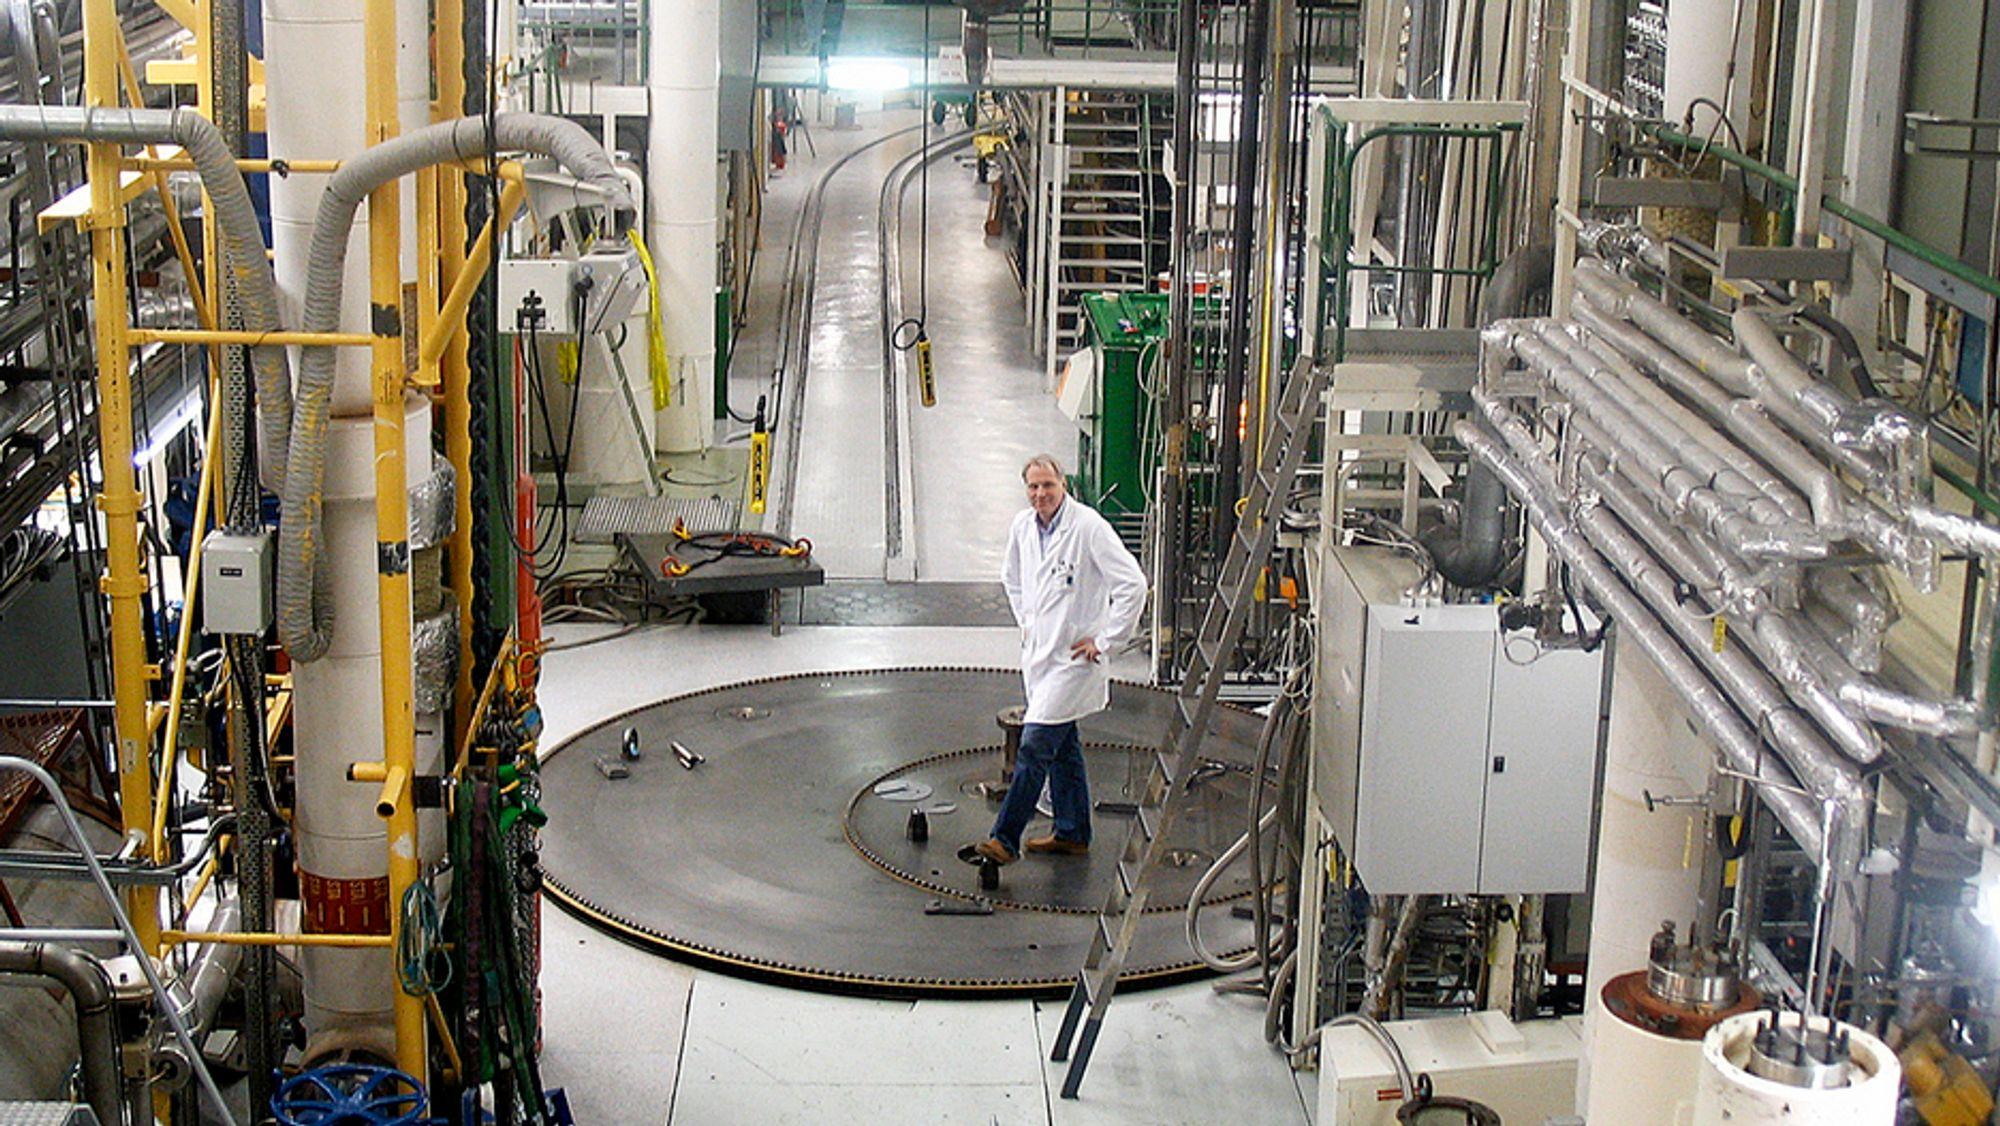 Strålevernet fører tilsyn med alle strålekilder innen medisin, industri og forskning. Det gjelder blant annet Halden-reaktoren (bildet). Foto: IFE